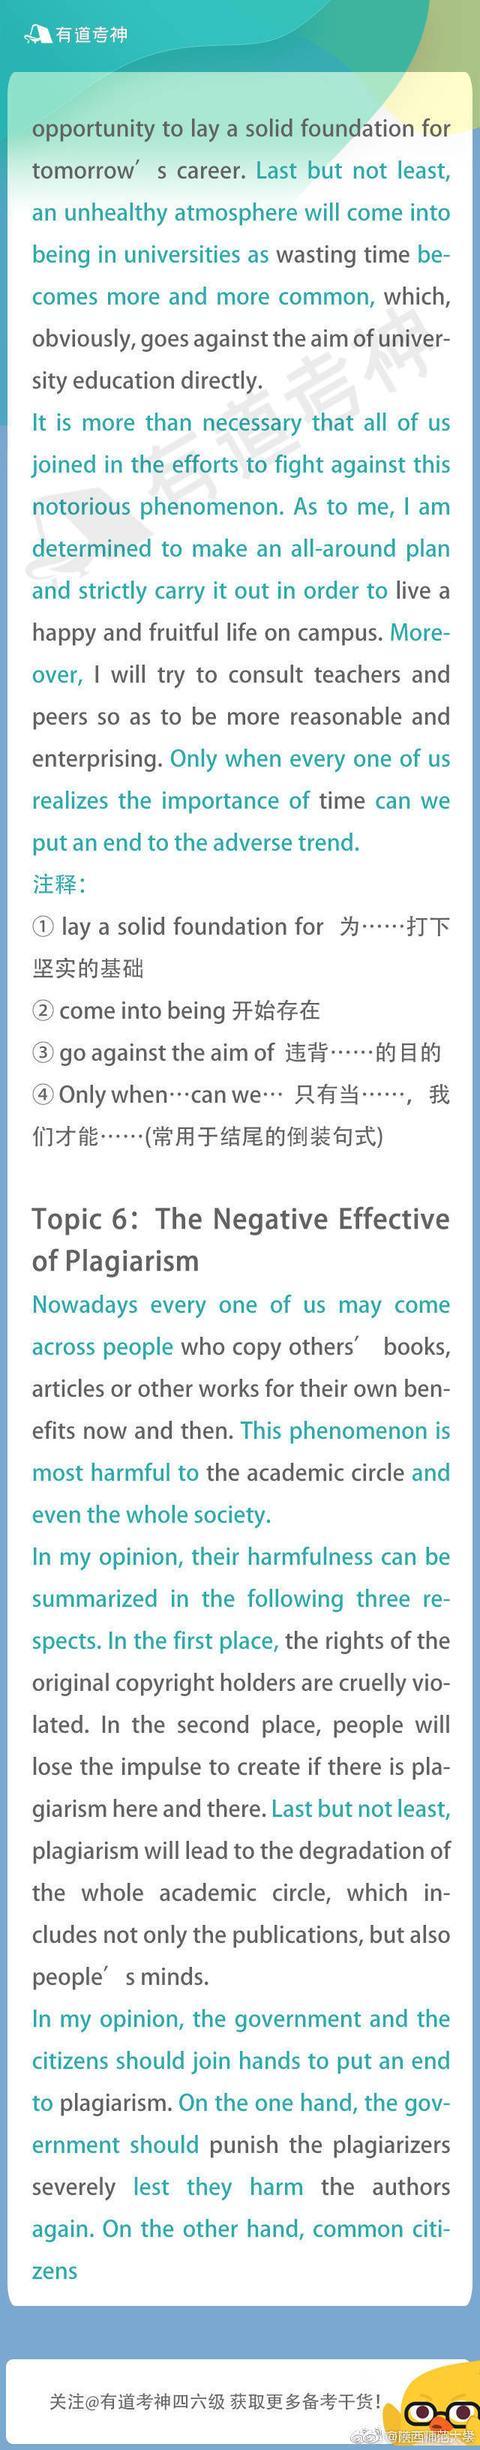 四六级写作10大热门话题及高分范文